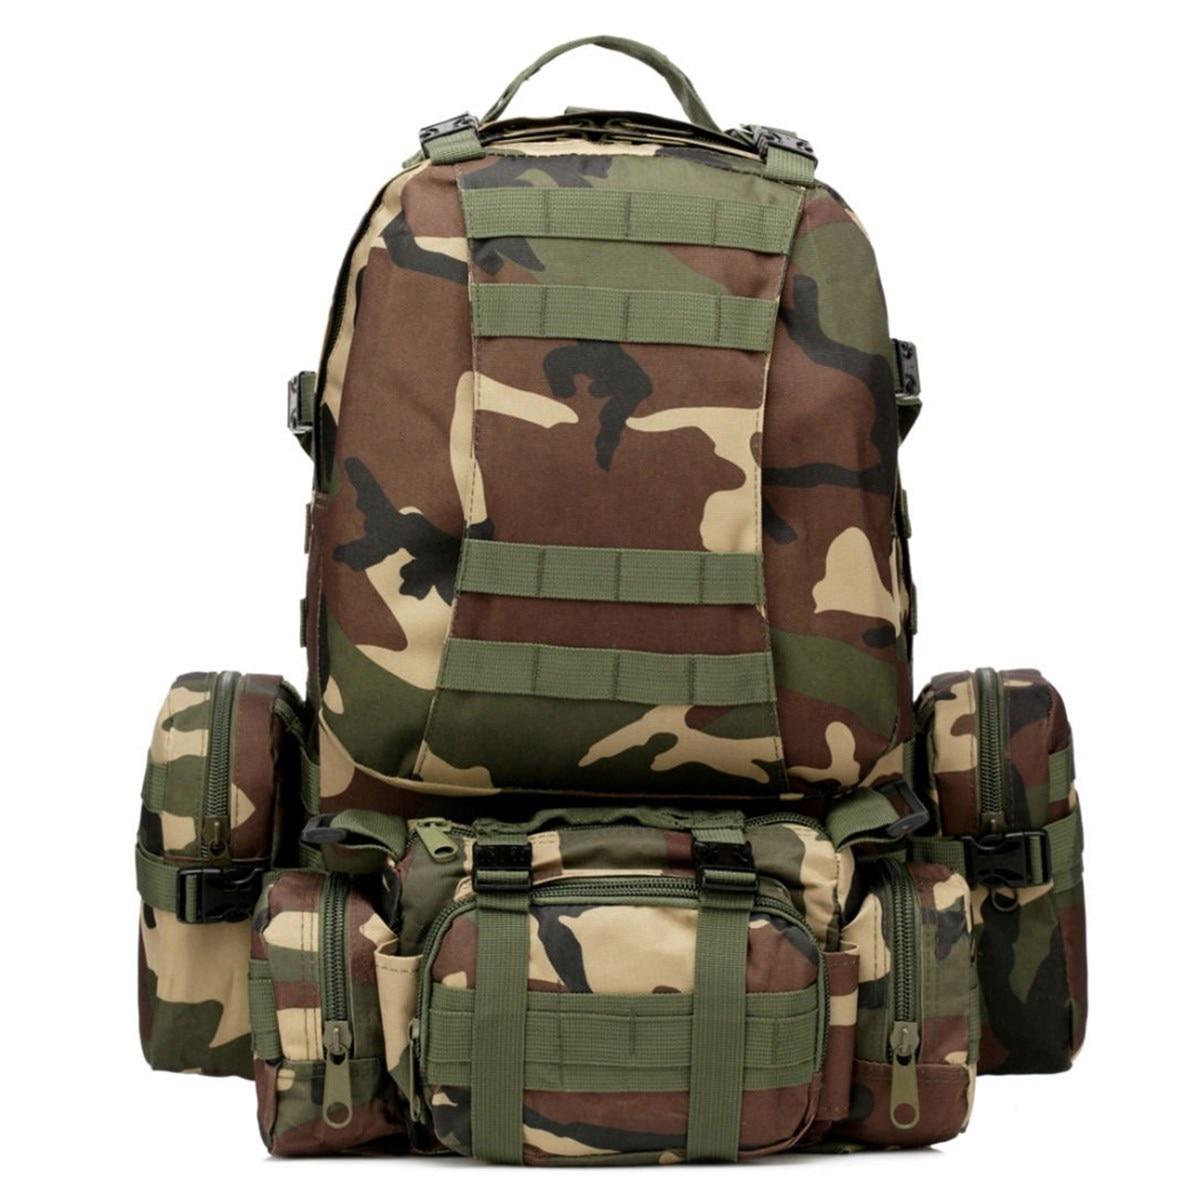 55L extérieur camo 4 en 1 Molle 600D militaire tactique sac à dos Camping randonnée chasse escalade sac à dos alpinisme hommes sacs